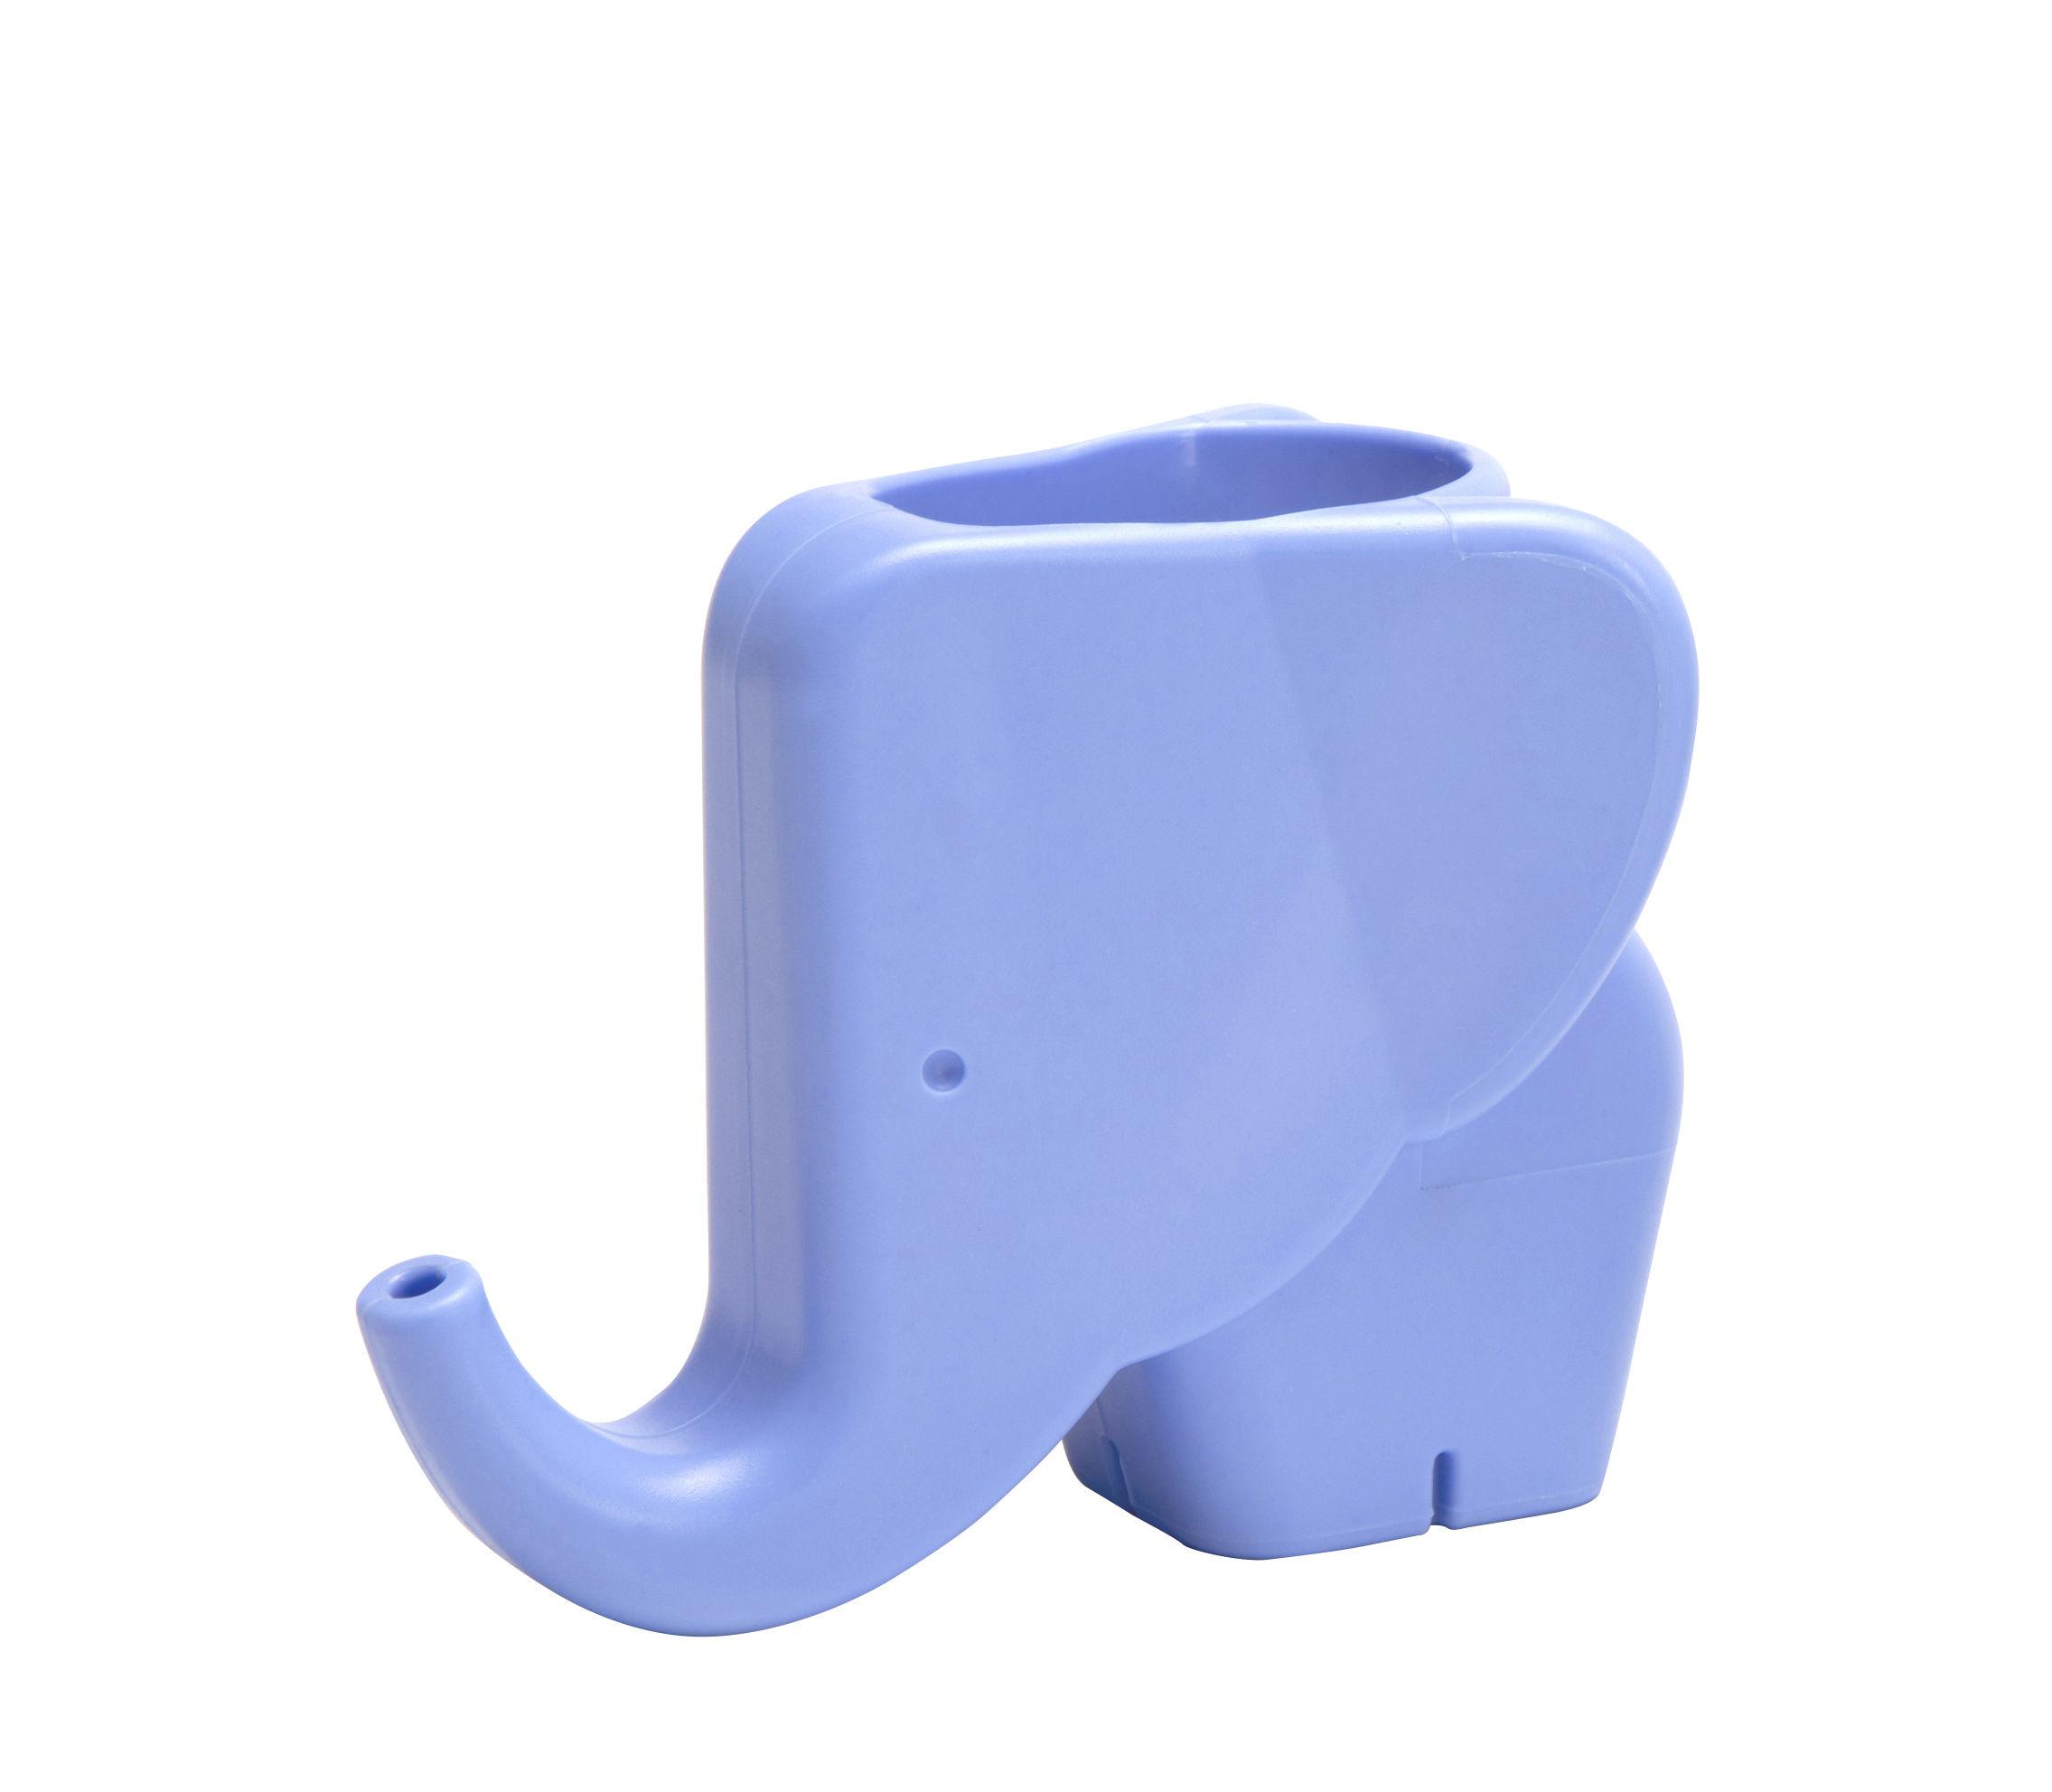 Déco - Pour les enfants - Robinet Jumbo Junior / & fontaine - Pa Design - Bleu - Plastique ABS